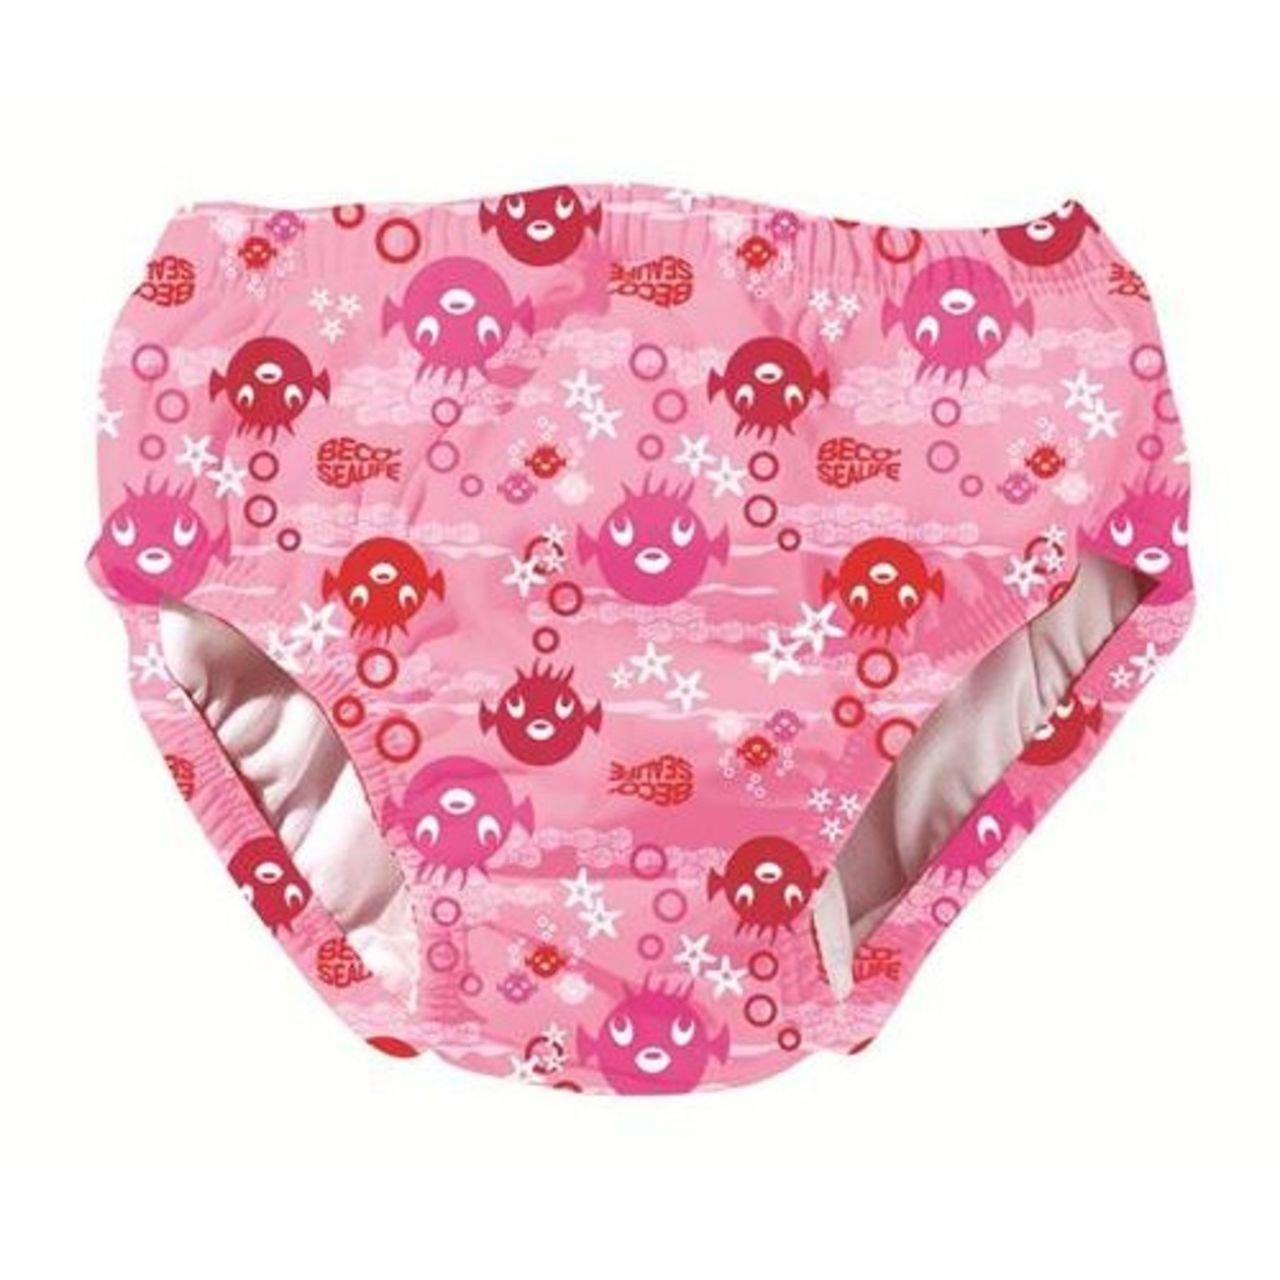 BECO Baby Schwimmen Aqua Windeln Wiederverwendbare Waschbar Kinder Bademode Windel Multi Farbe